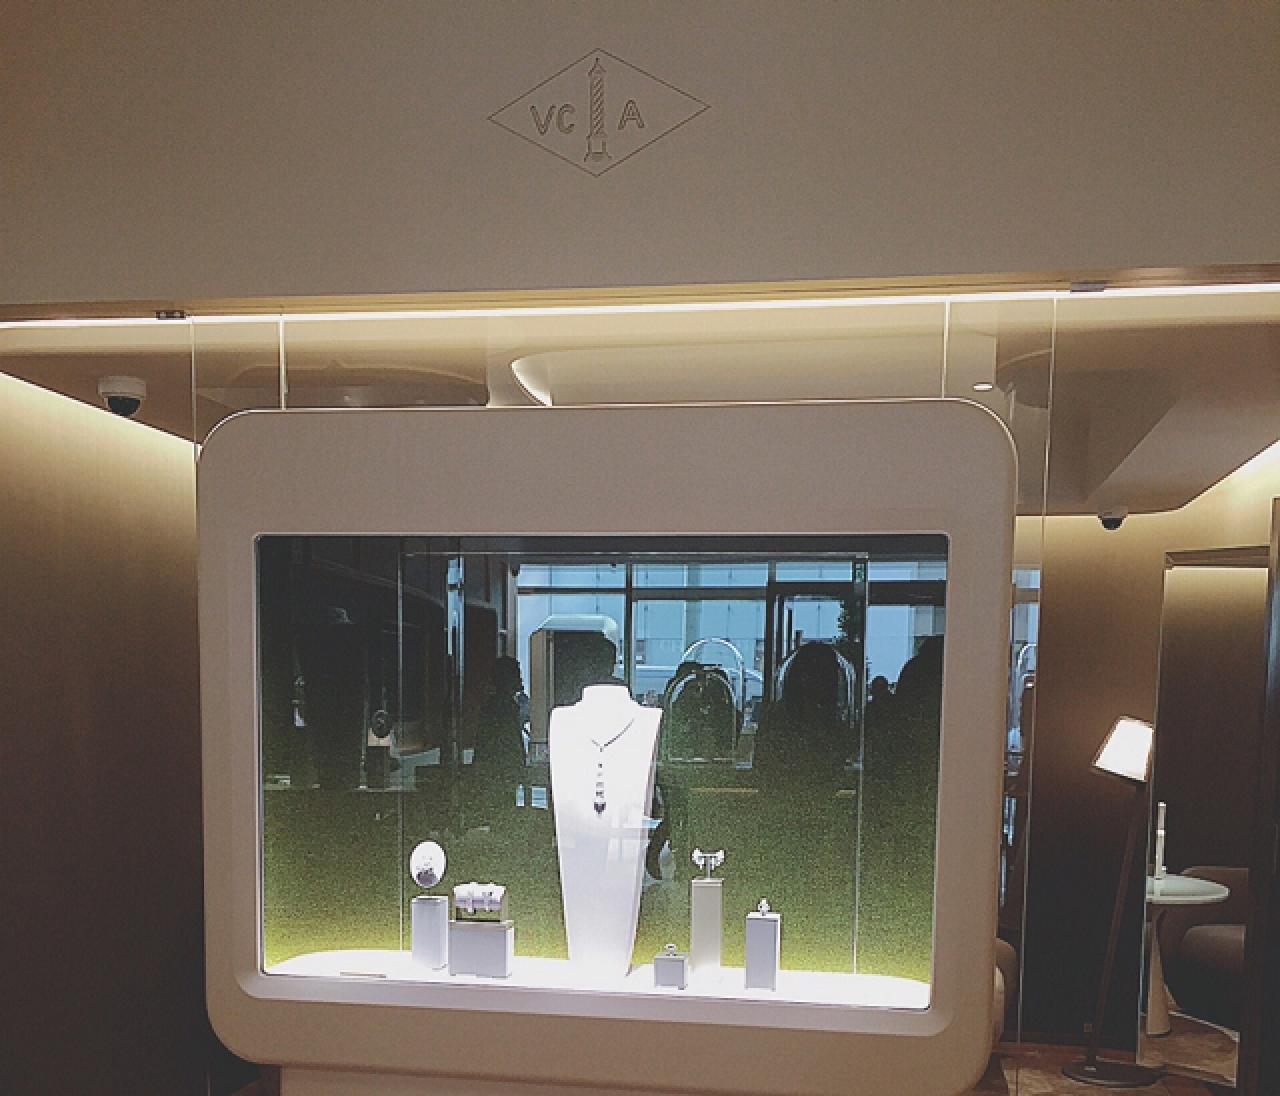 新オープン☆ヴァンクリーフ&アーペル銀座本店に行ってきました!